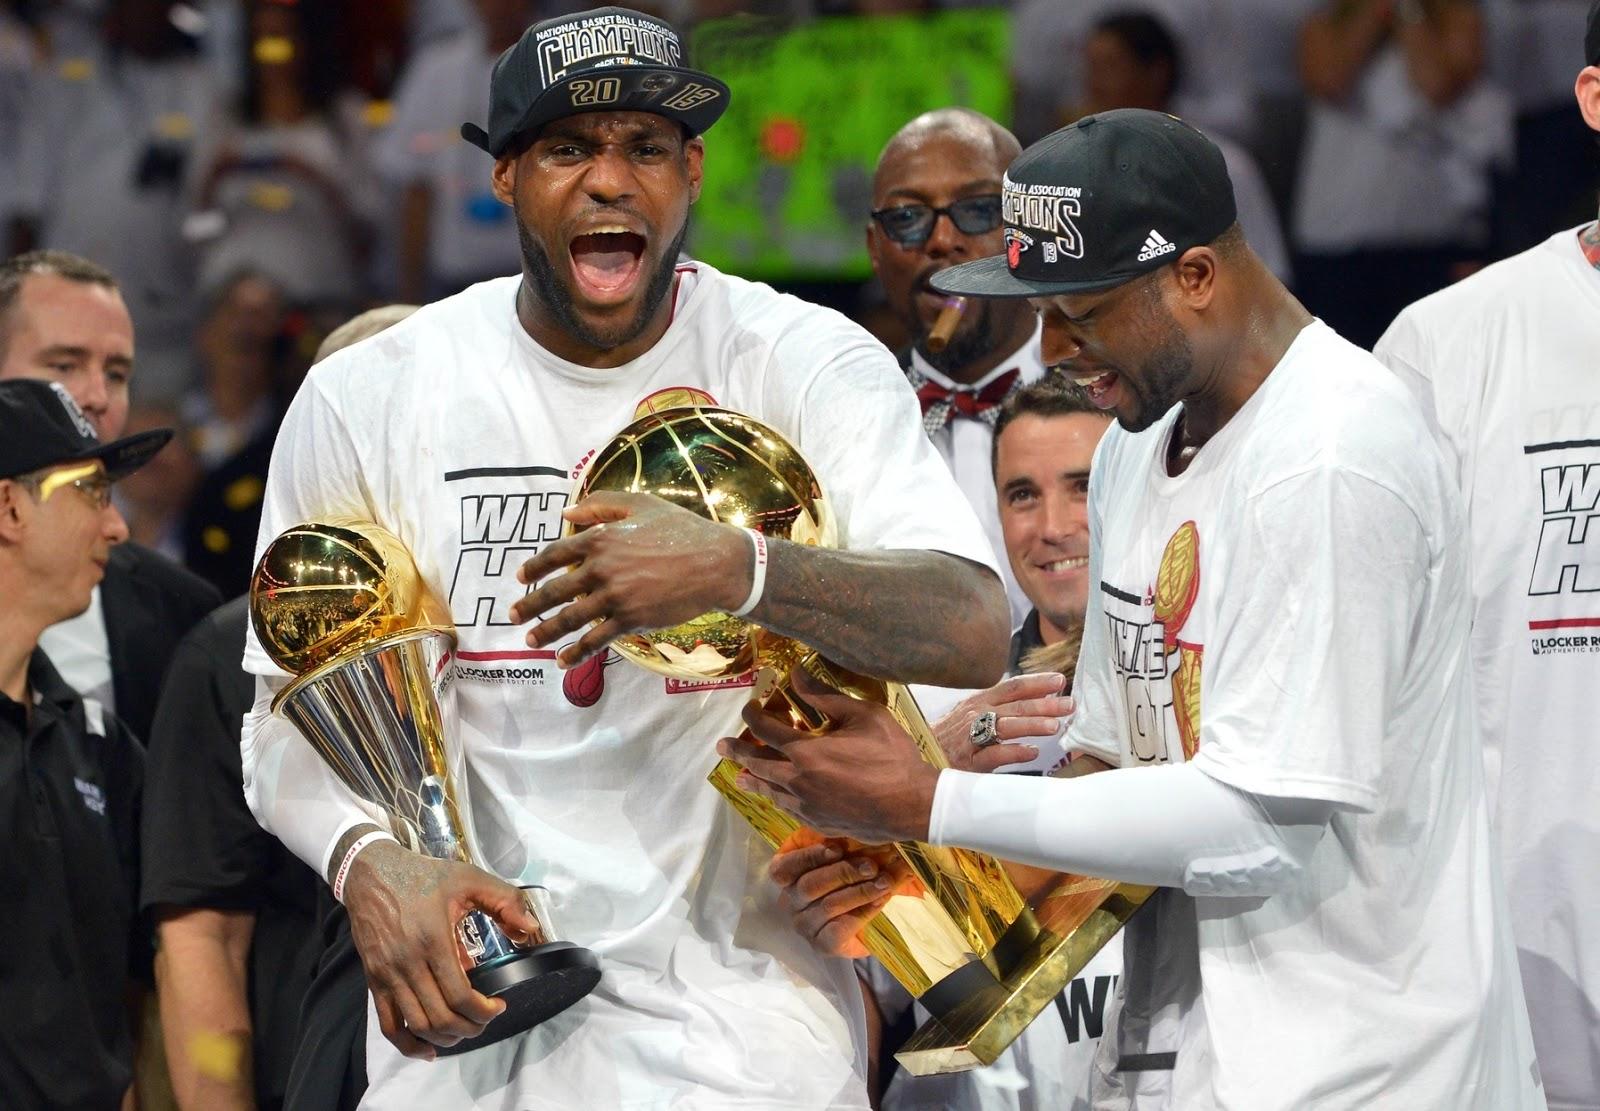 BADBOYS DELUXE: MIAMI HEAT WINS NBA FINALS AGAINST SAN ANTONIO SPURS